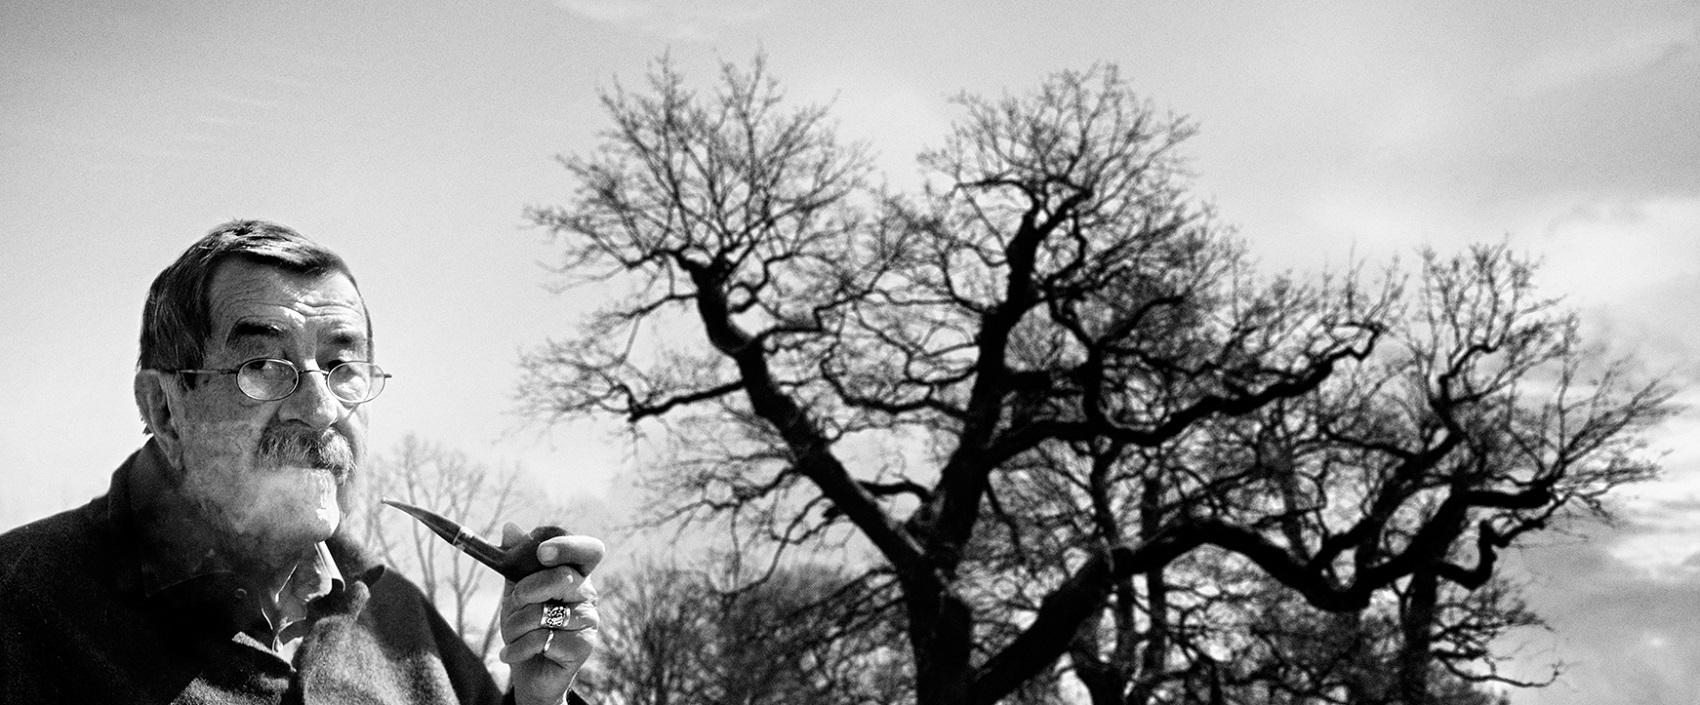 Addio allo scrittore ed intellettuale tedesco Günter Grass, Premio Nobel per la letteratura nel 1999